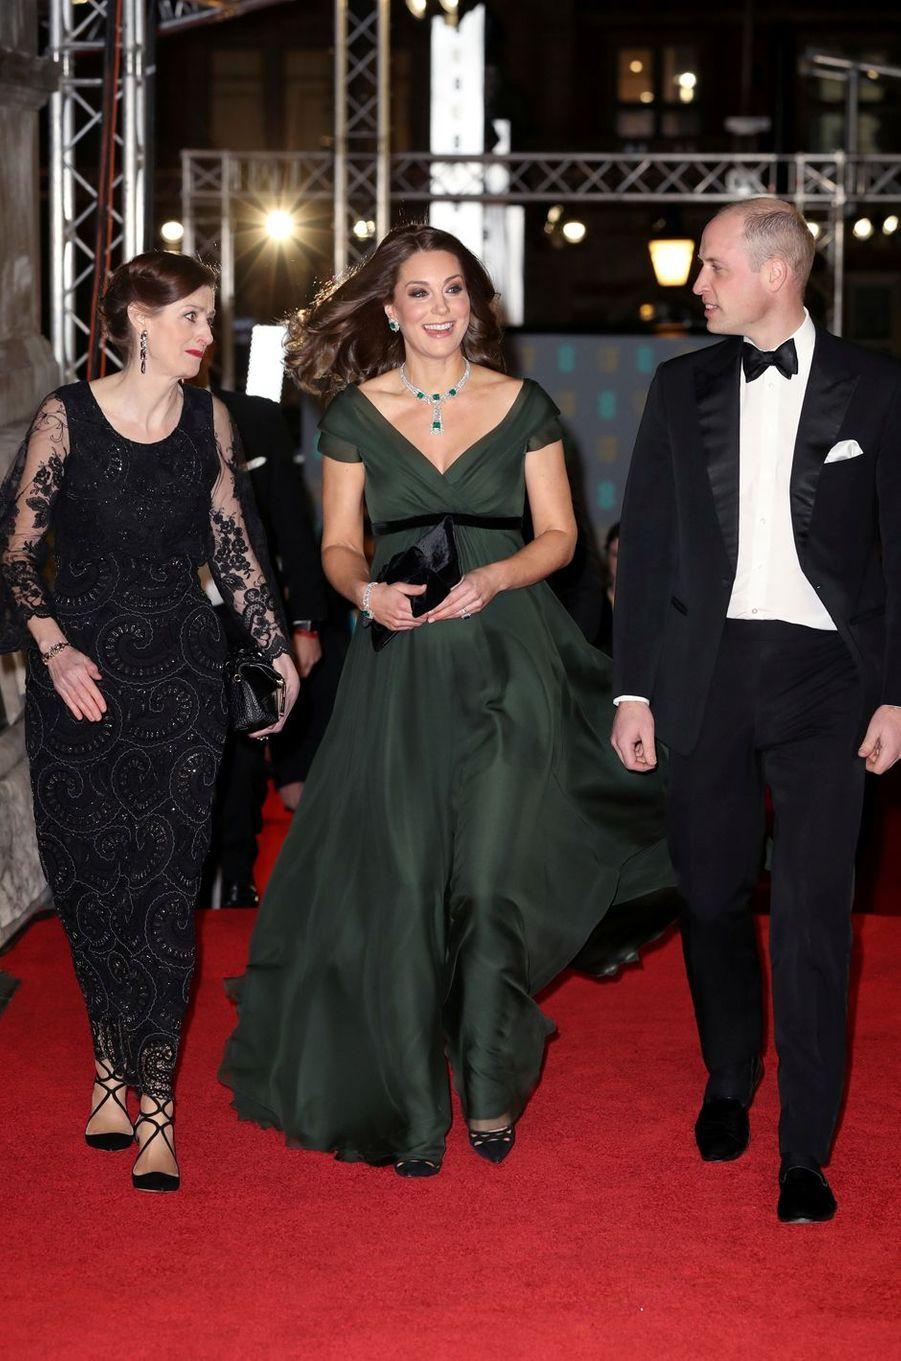 La duchesse de Cambridge, en Jenny Packham, avec le prince William à la cérémonie des Bafta à Londres,le 18 février 2018